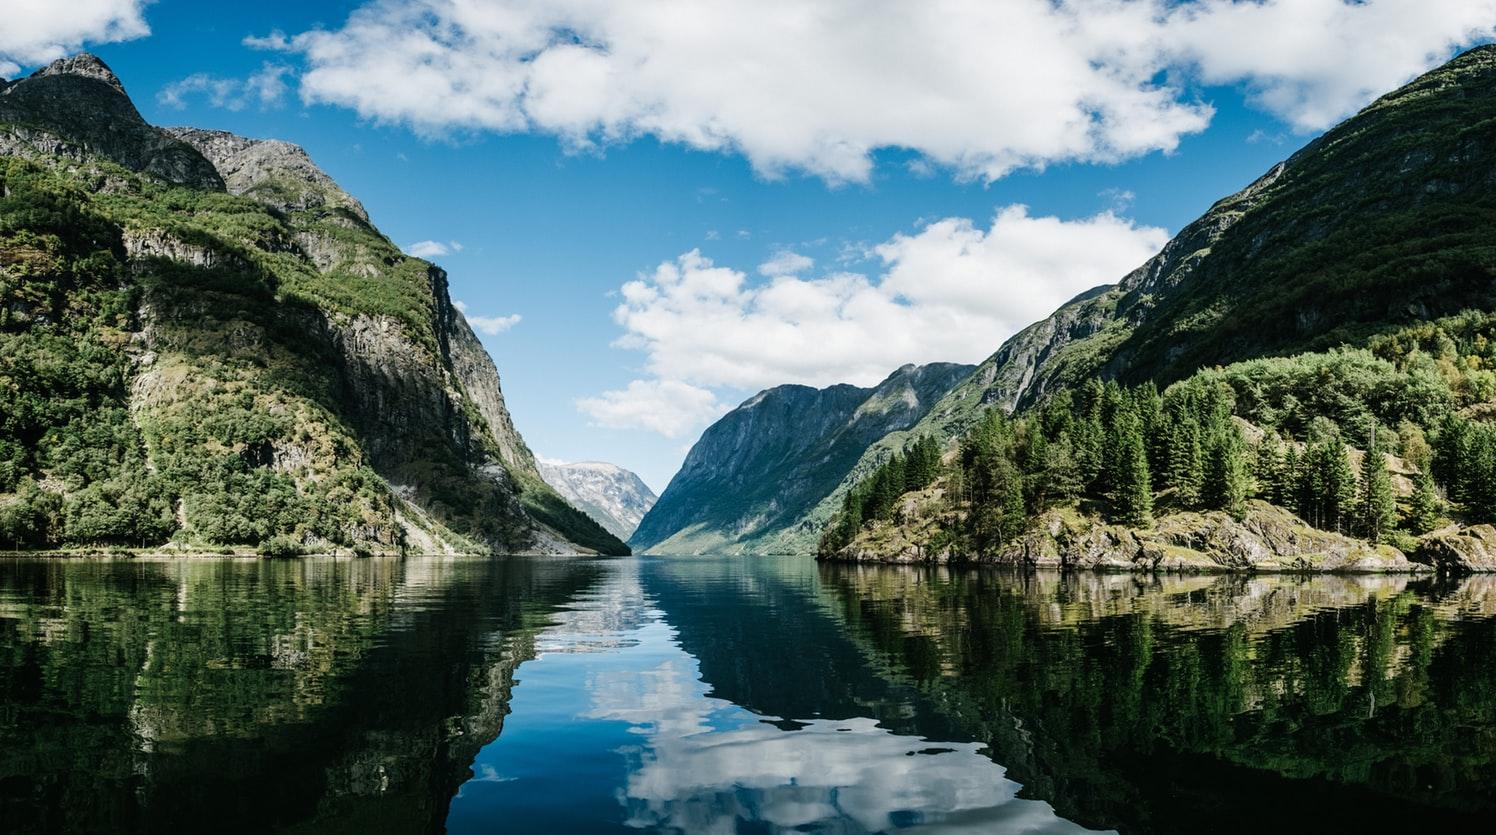 ¿Cuál es la mejor época para viajar a Noruega?